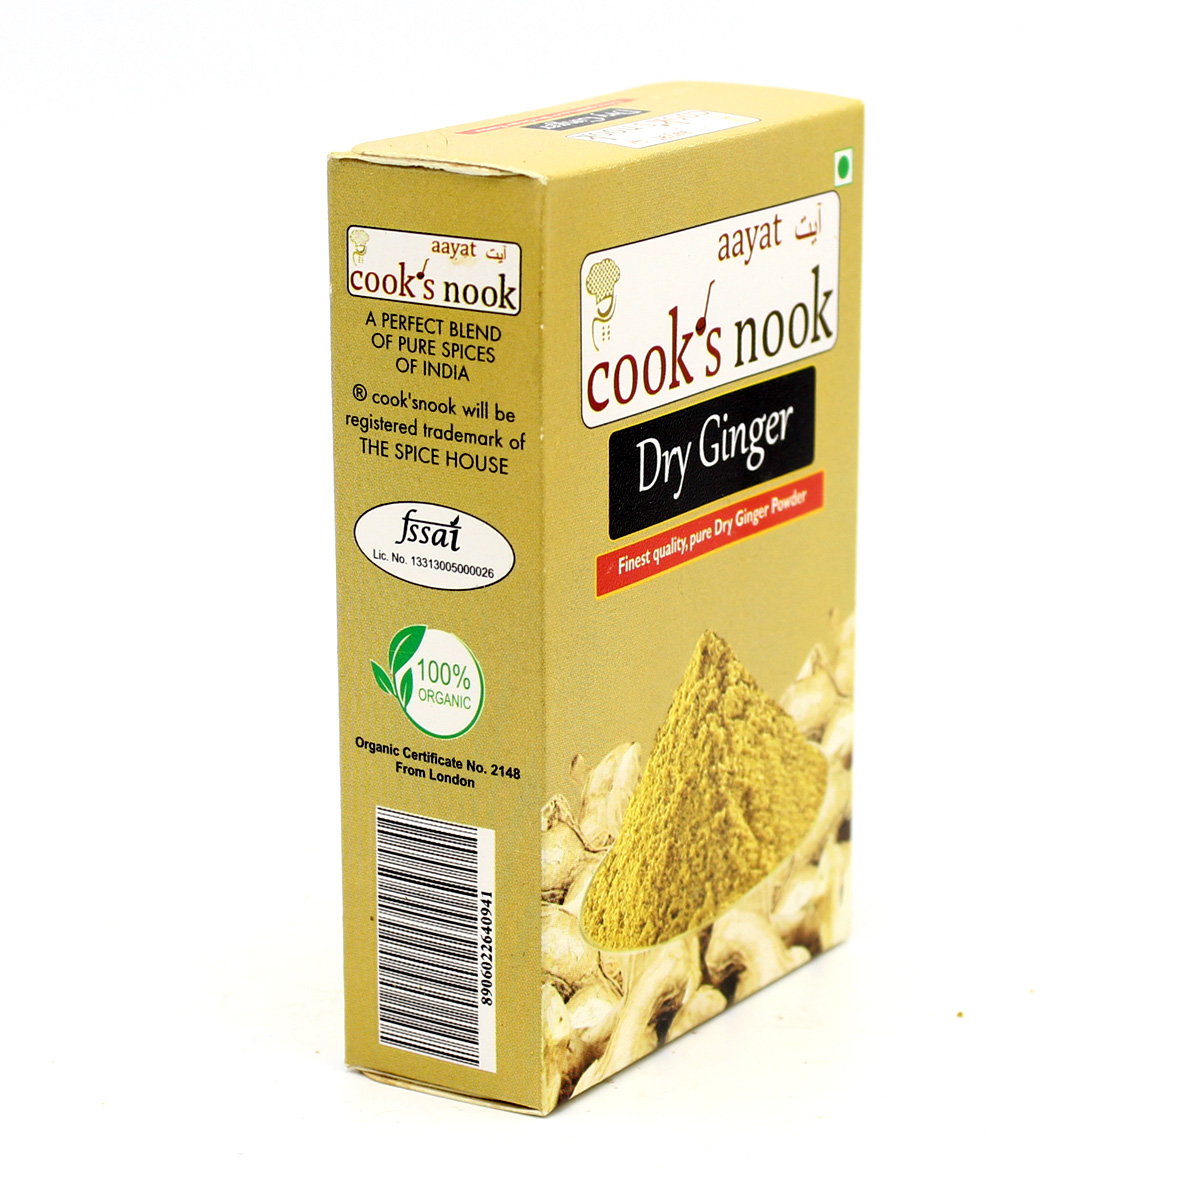 Сухой имбирь Dry Ginger порошок-приправа 50 г